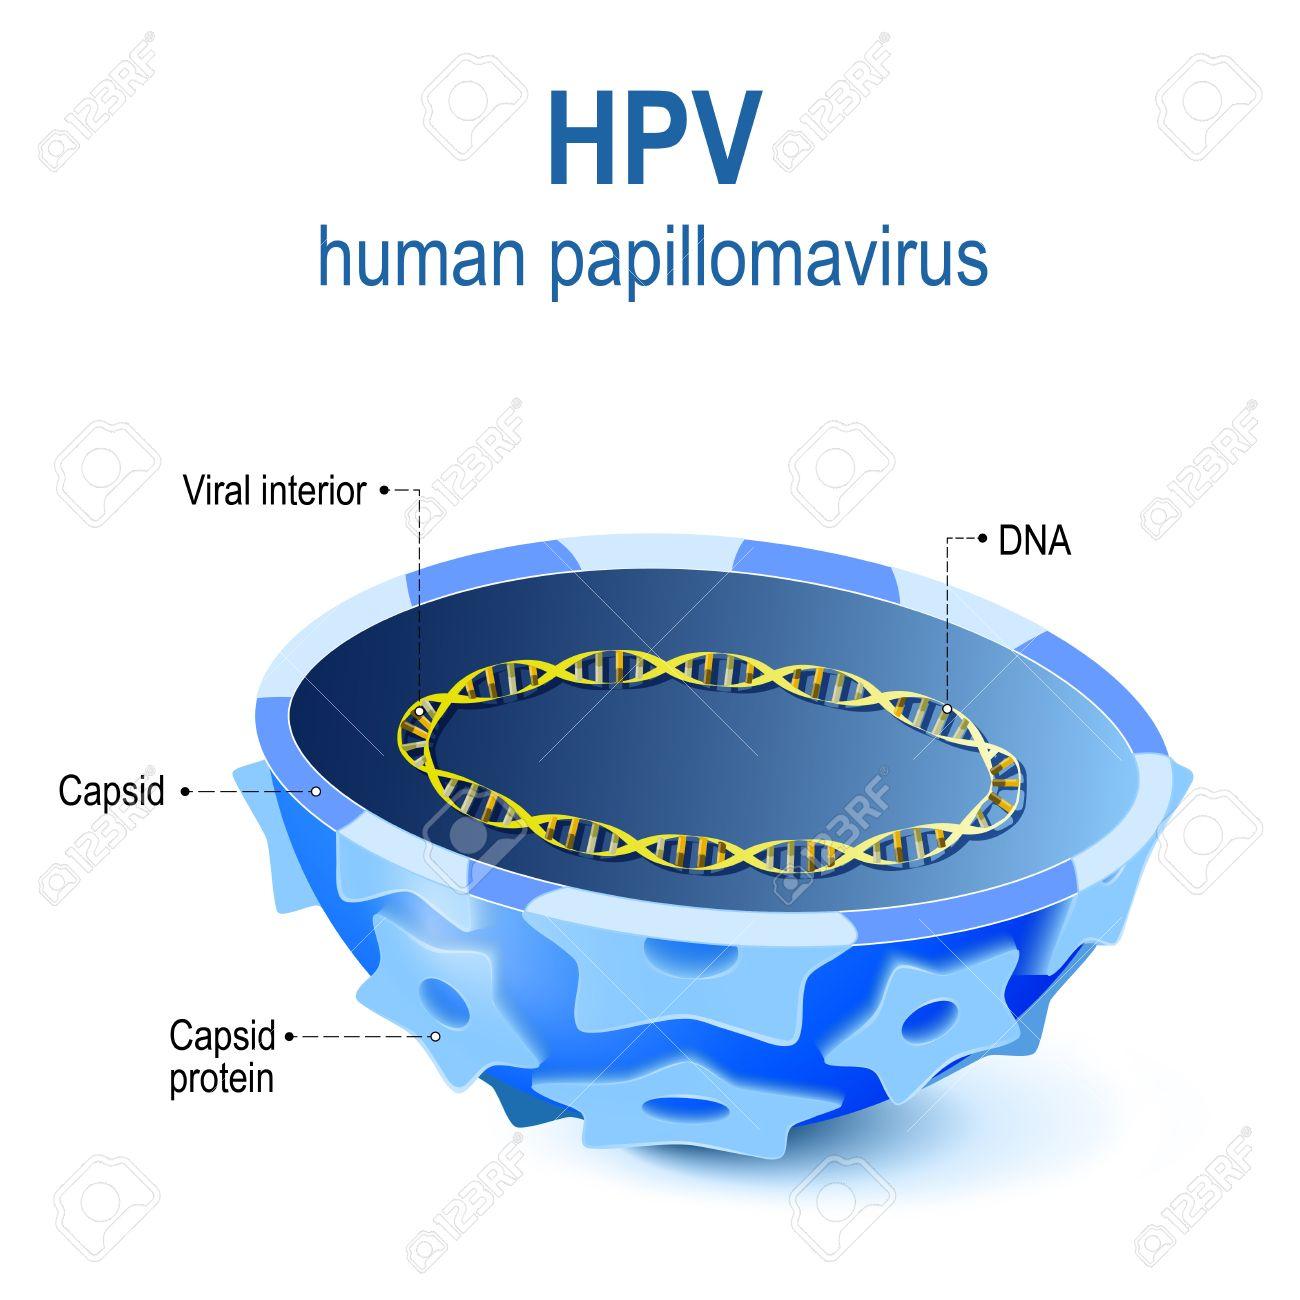 Human papillomavirus dna or rna. Hpv na lingua e transmissivel